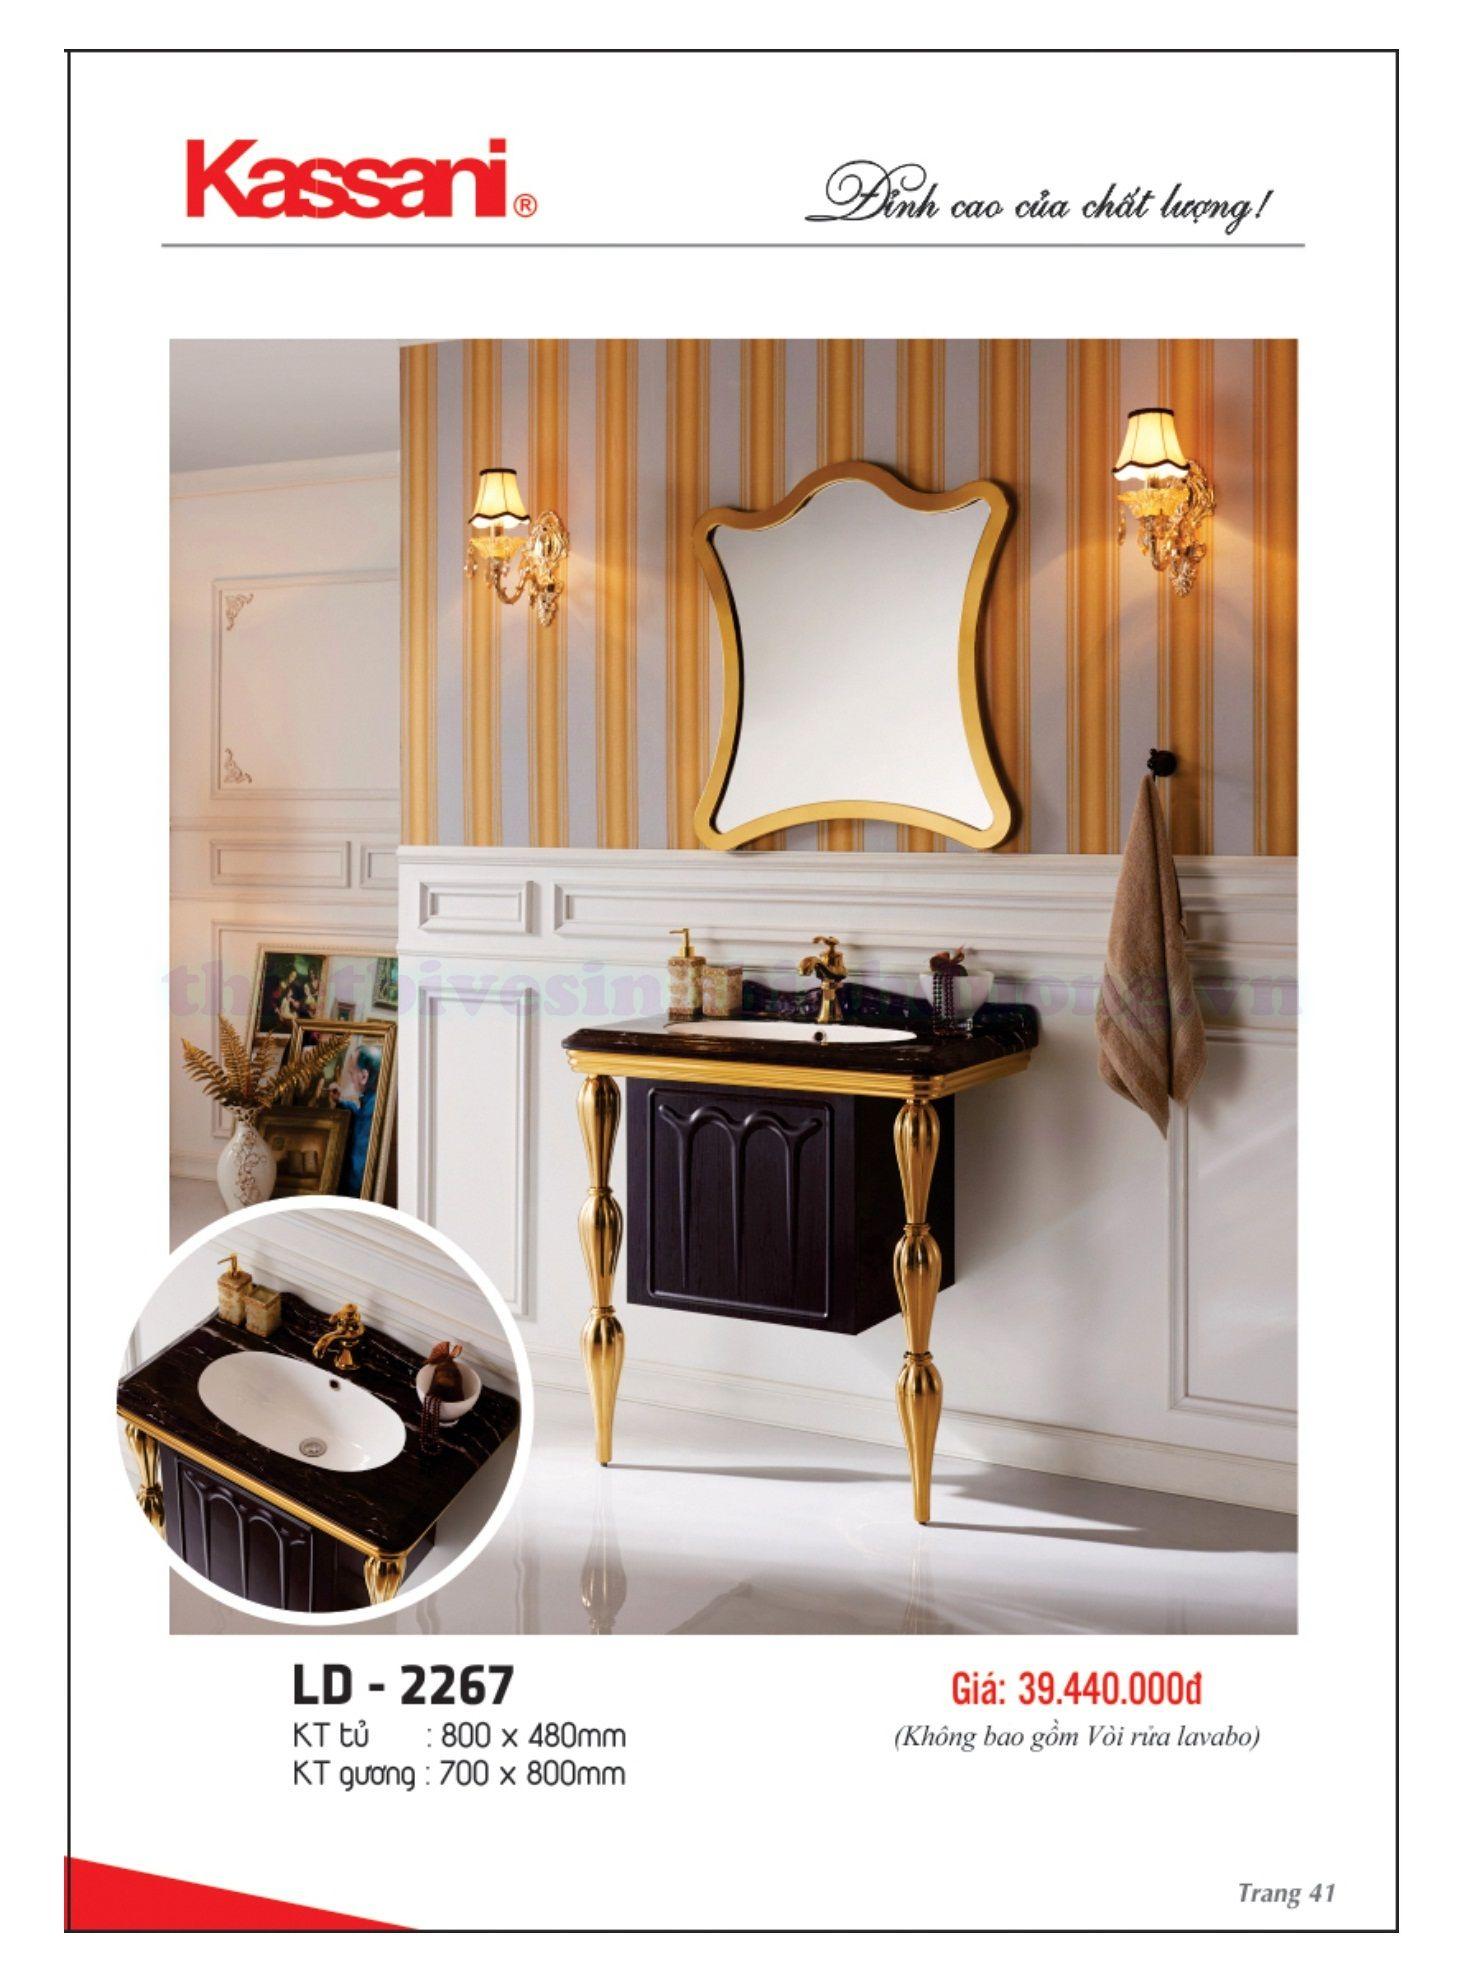 tu-lavabo-kassani-ld-2267